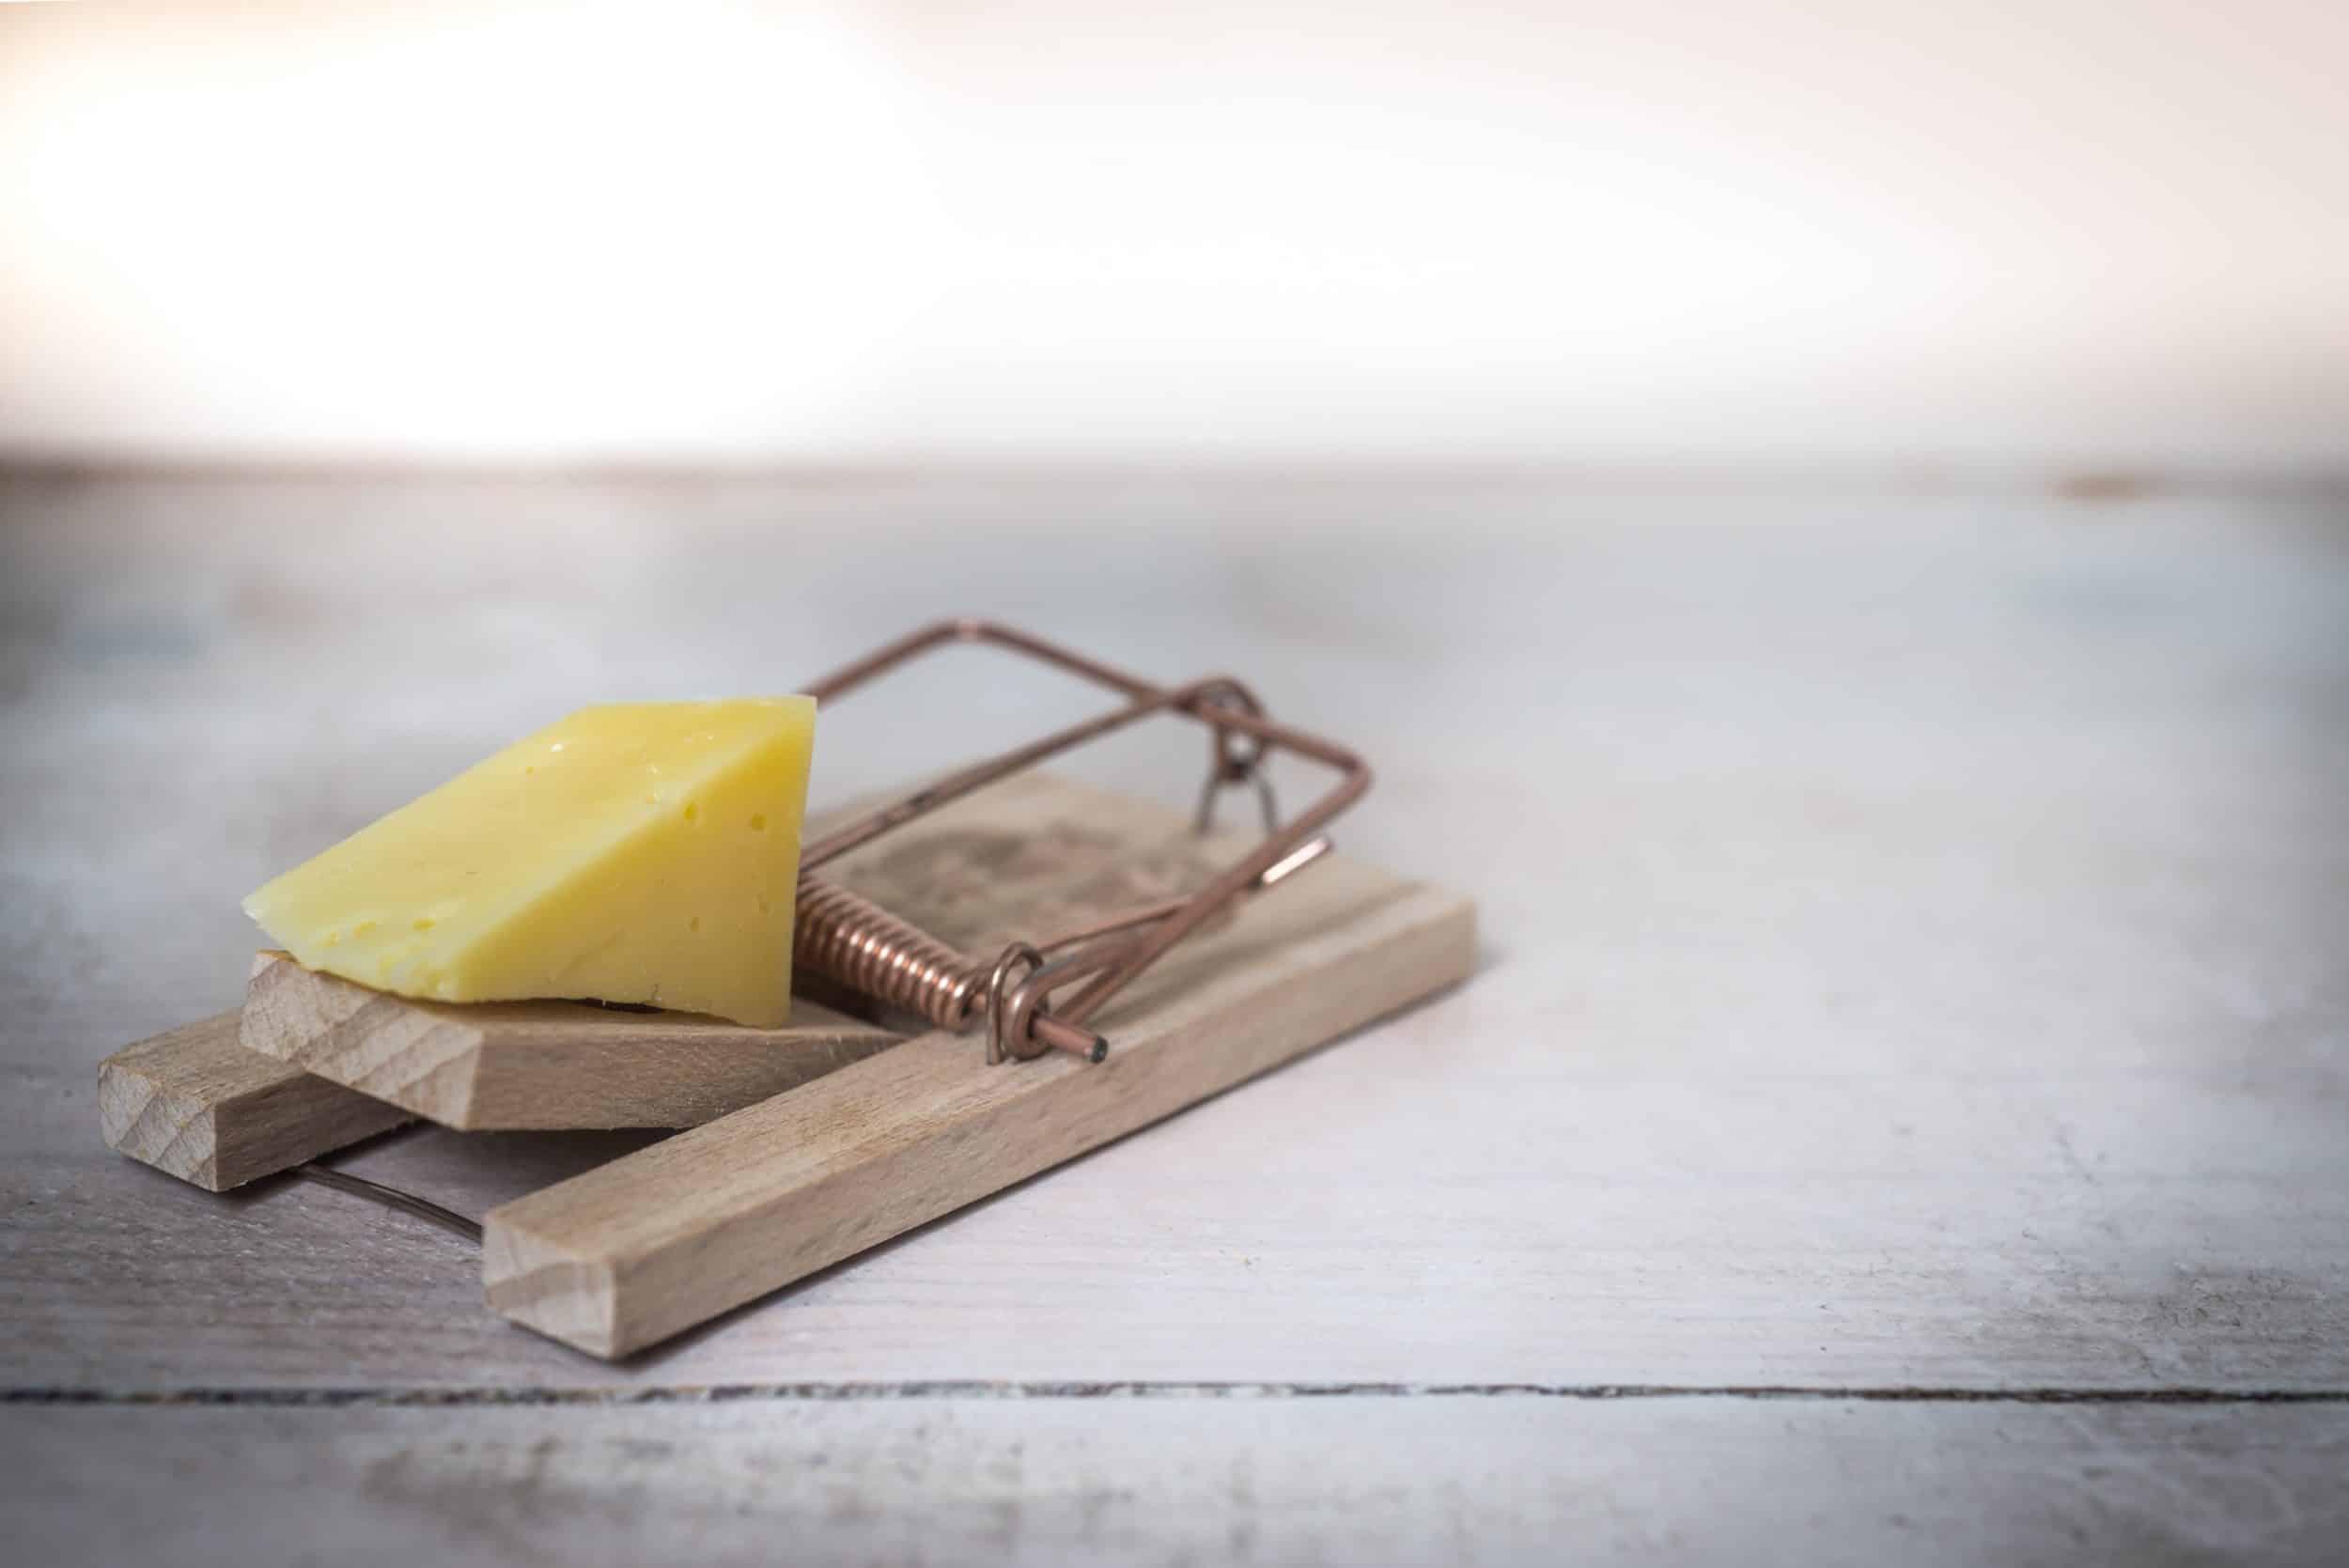 reuse mousetrap